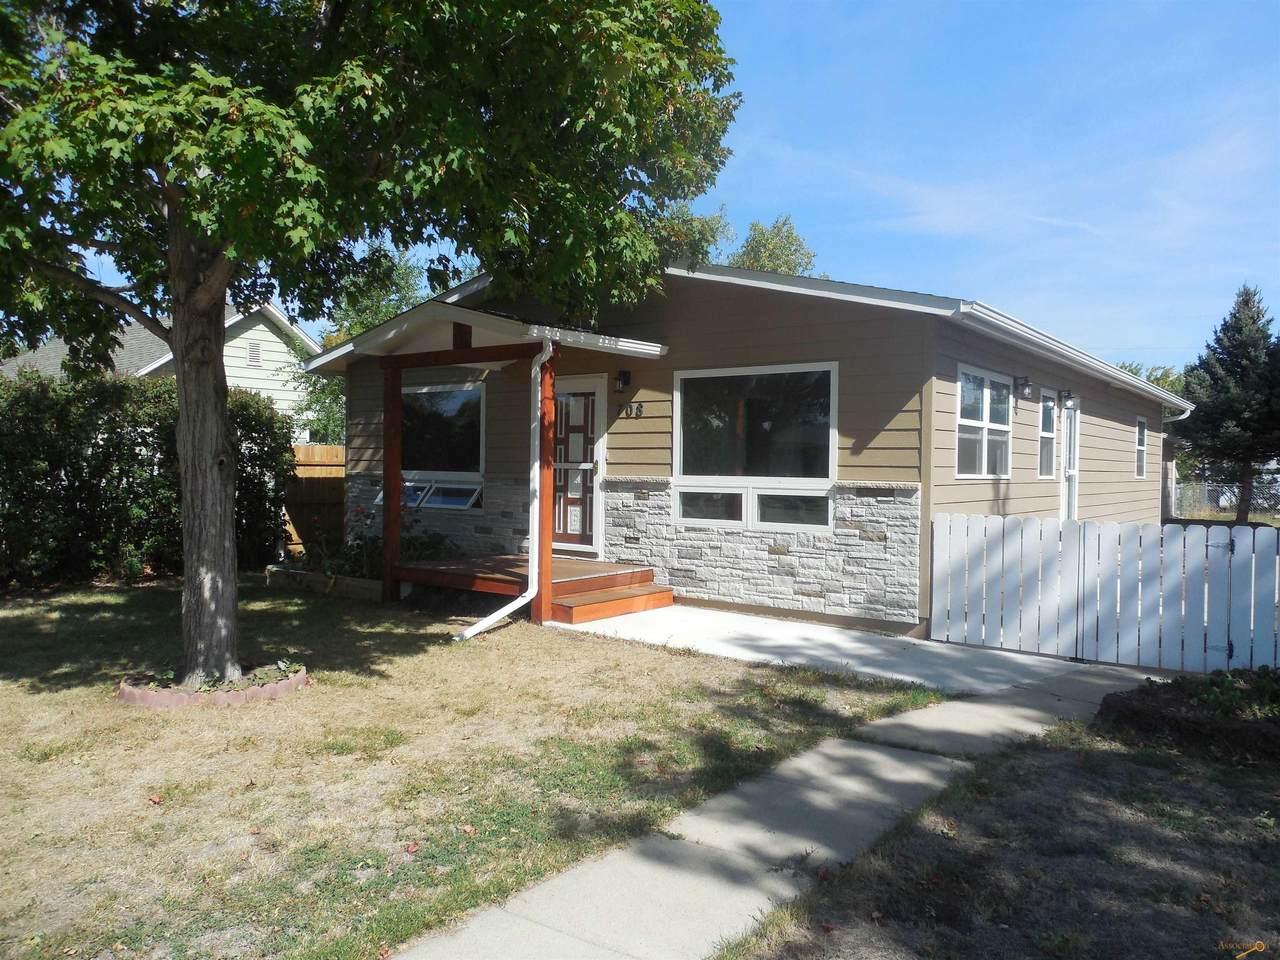 708 Holcomb Ave - Photo 1